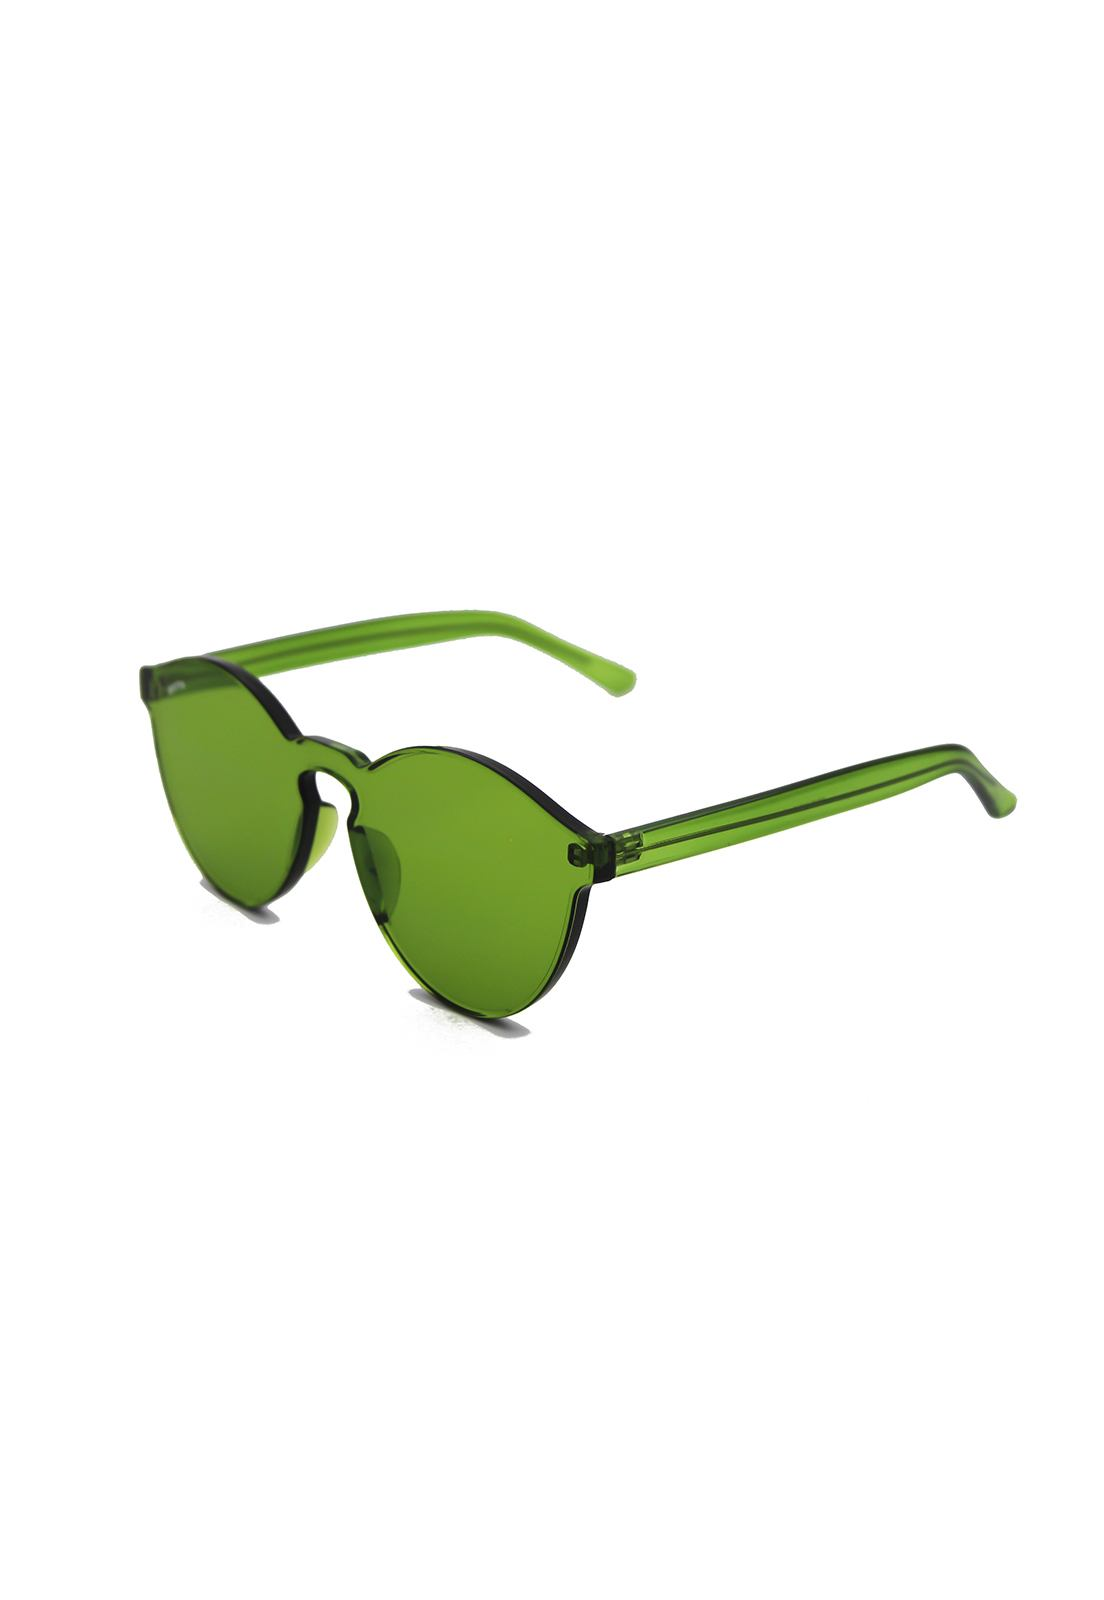 Óculos de Sol Grungetteria Mojo Verde